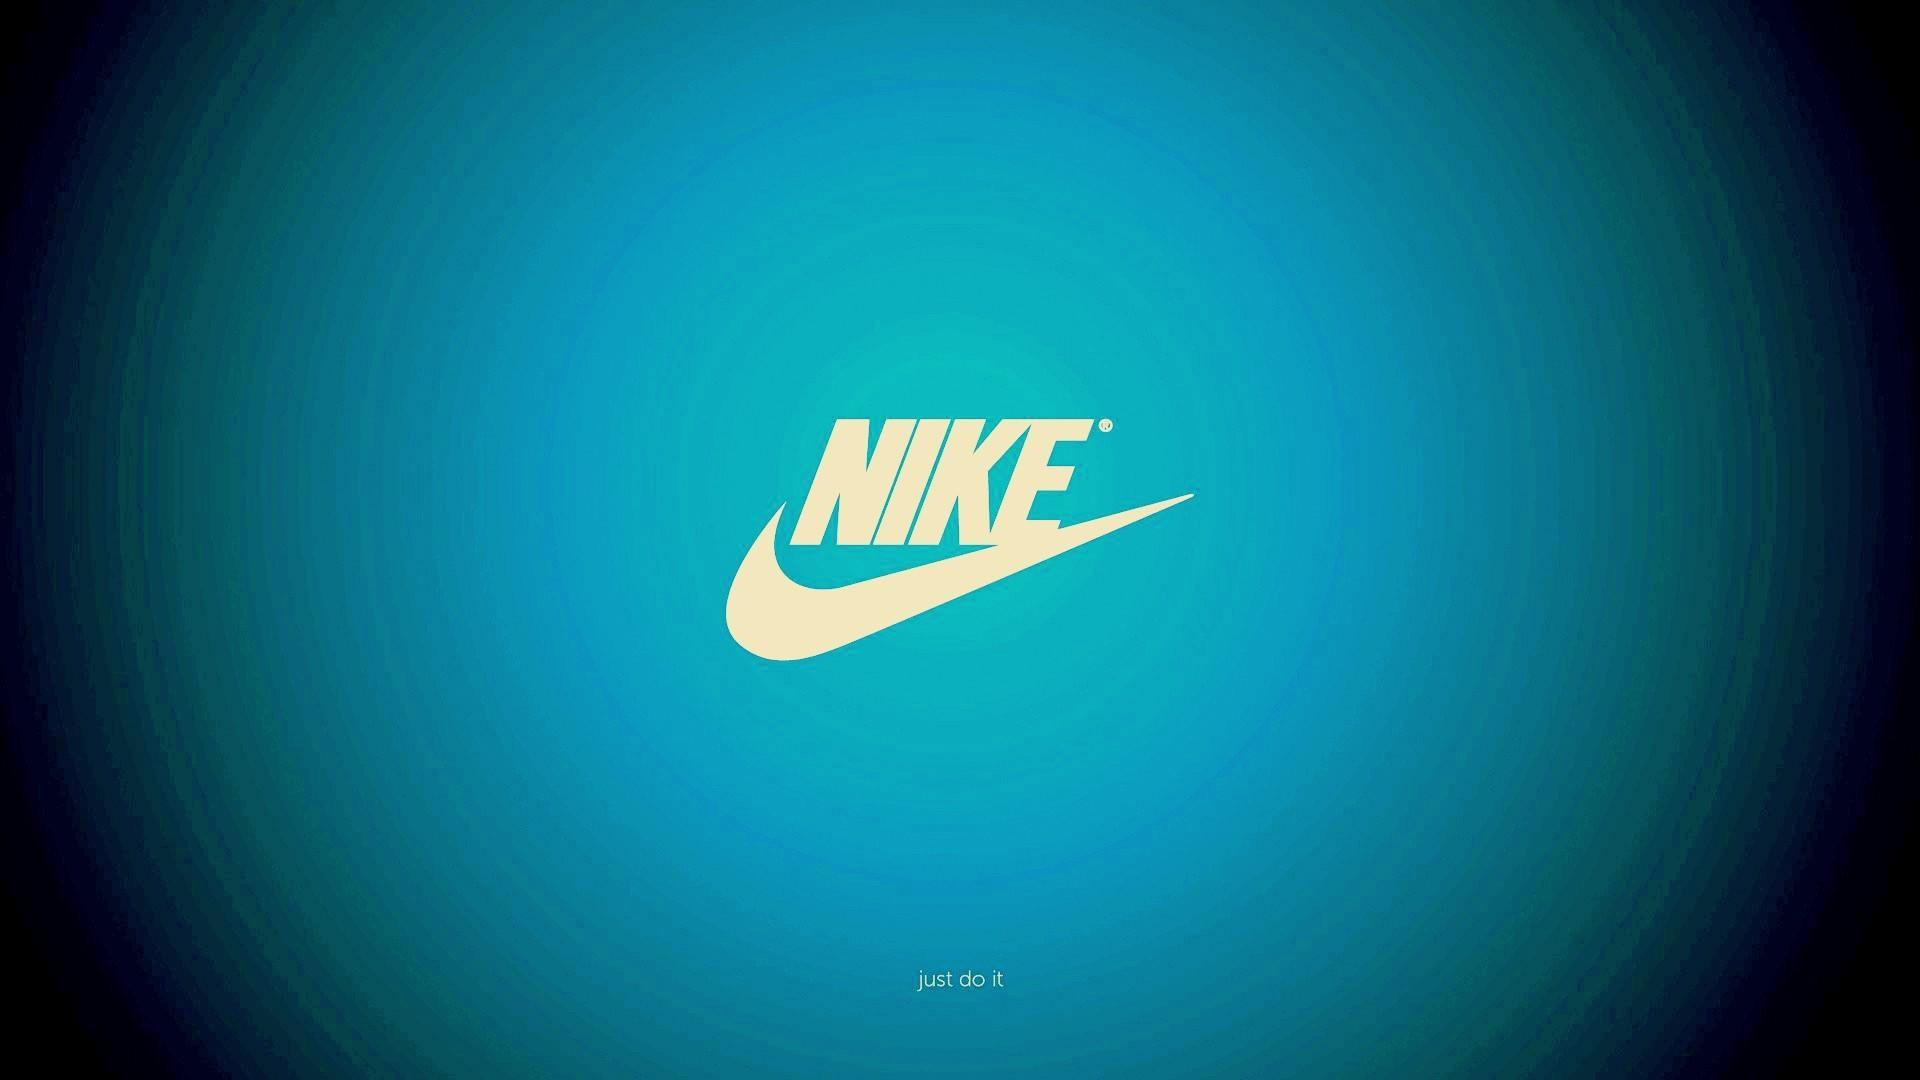 Wallpaper Nike Earth Logo Blue Circle Brand Color Shape